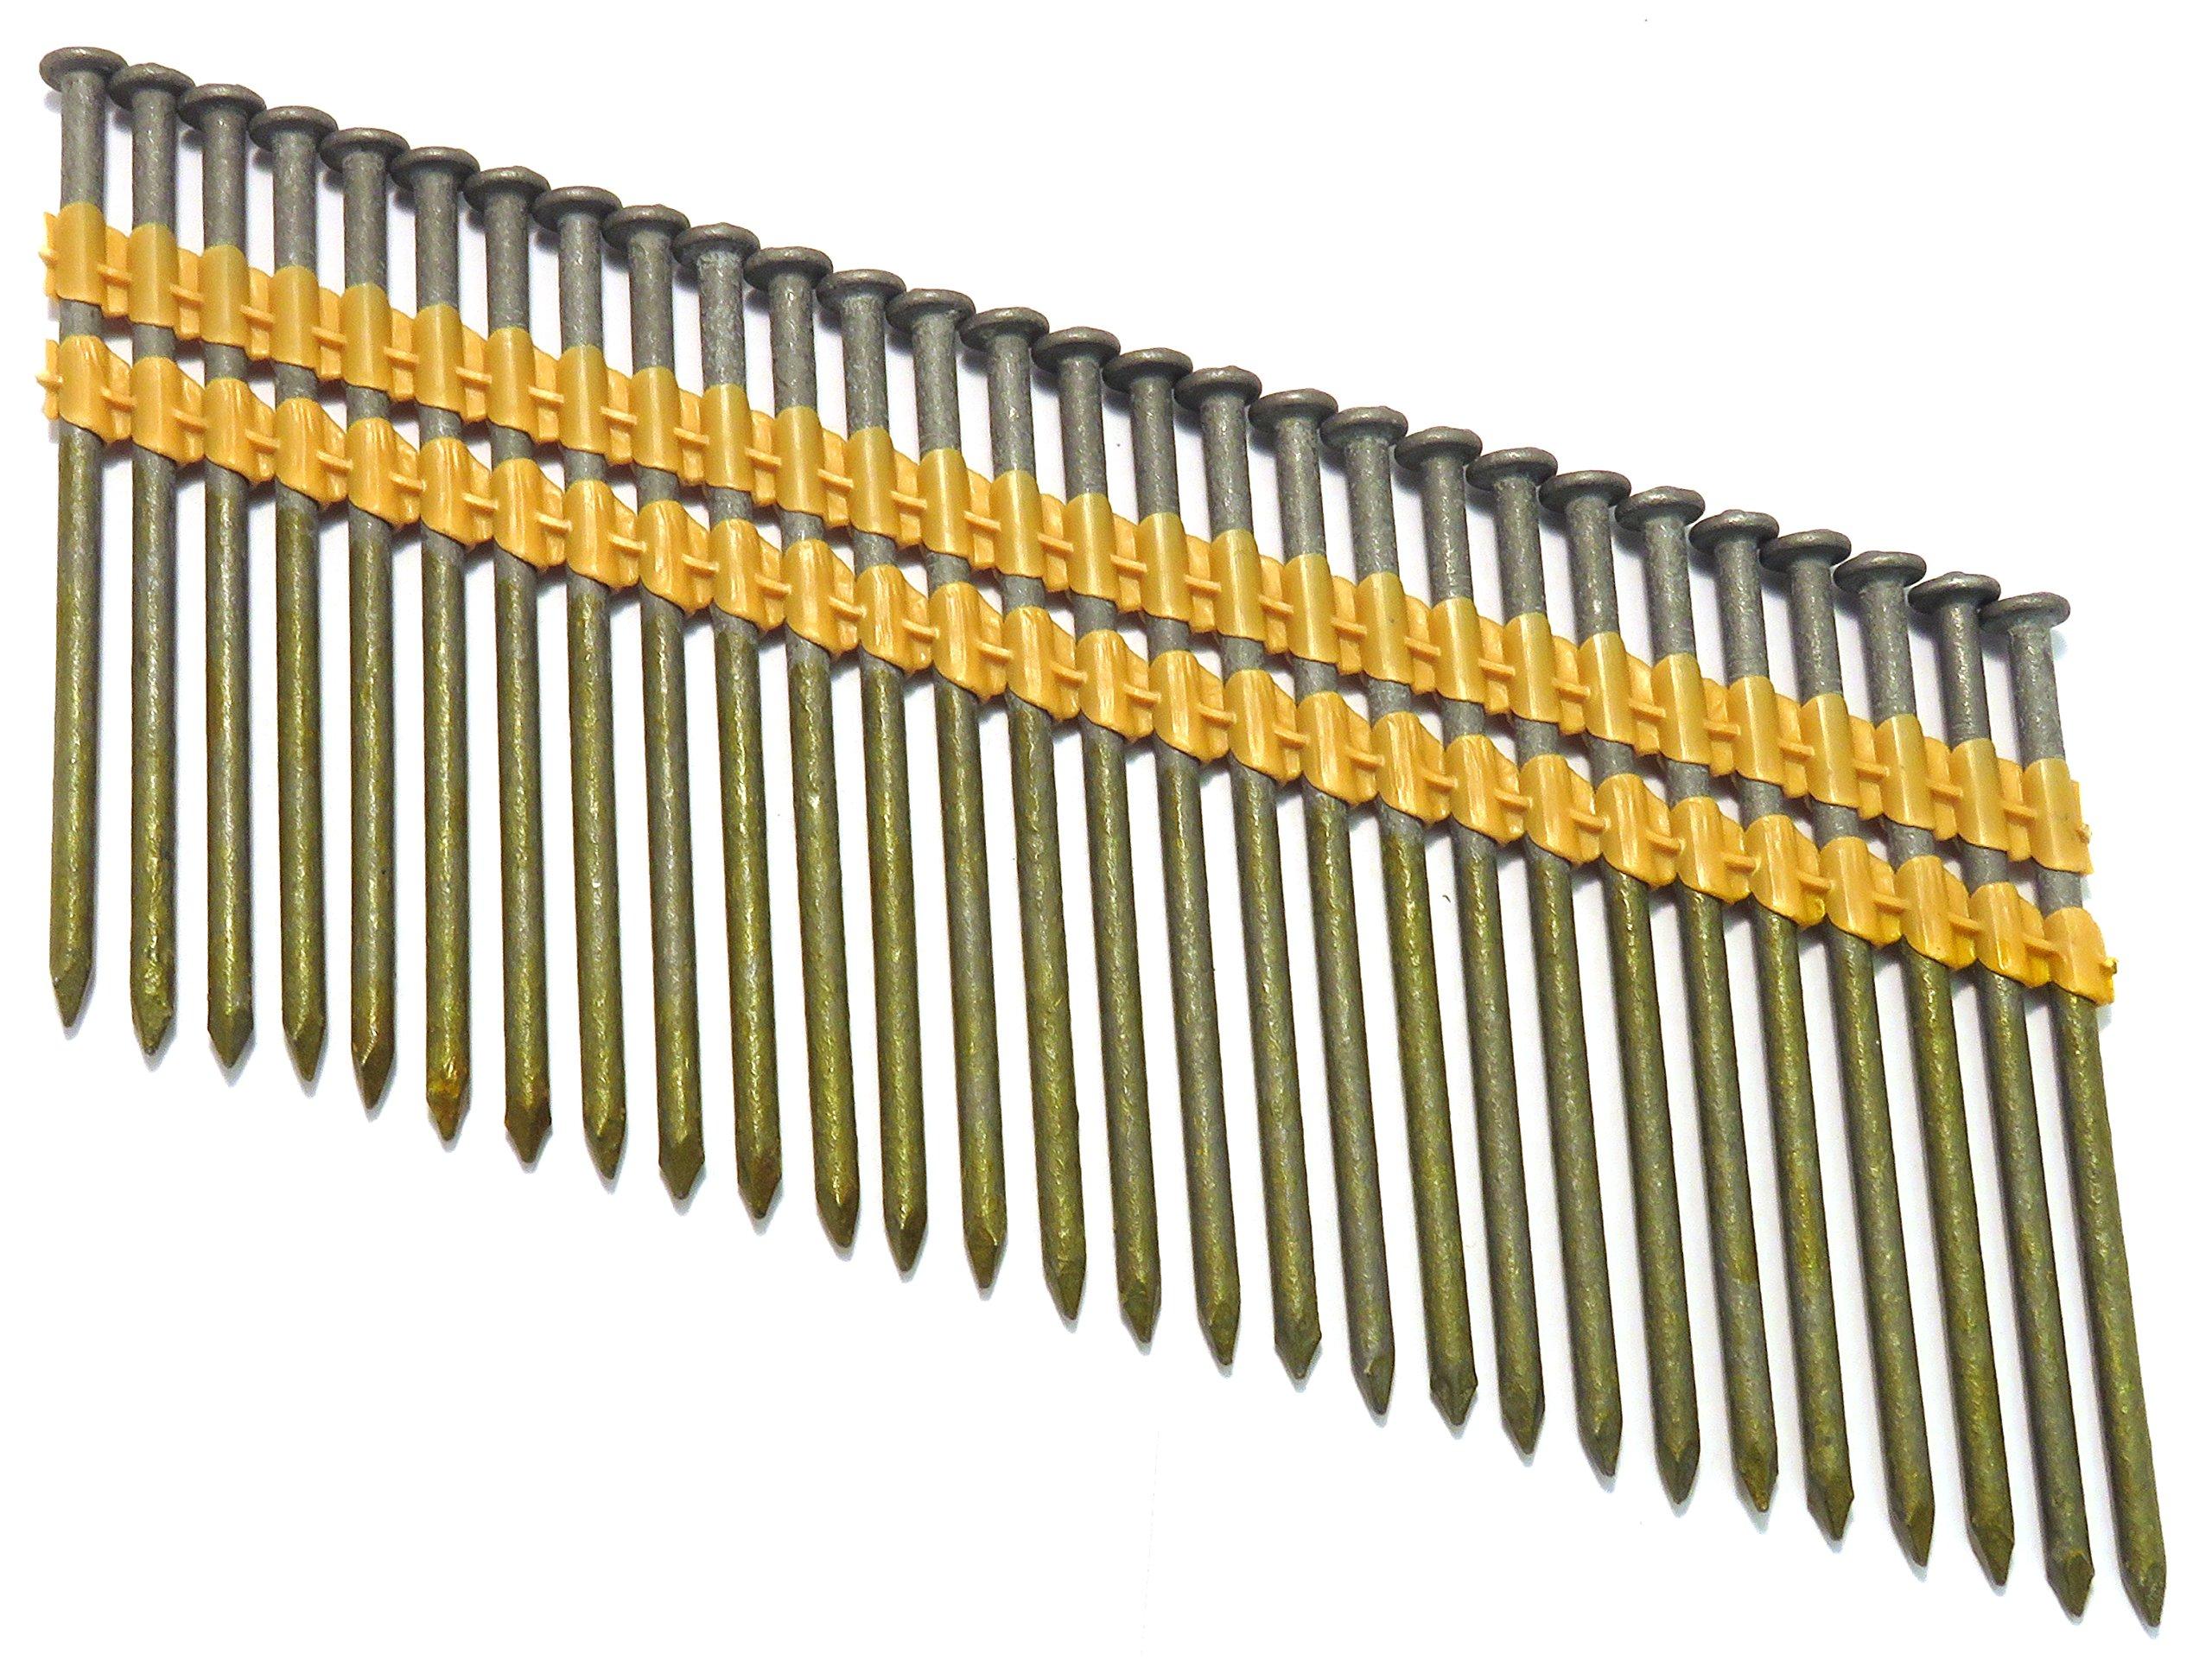 TrueSpec HZB32131P Tree Island 16D Short 3-1/4'' x .131'' Zincgard Hot Galvanized Framing Nails by TrueSpec